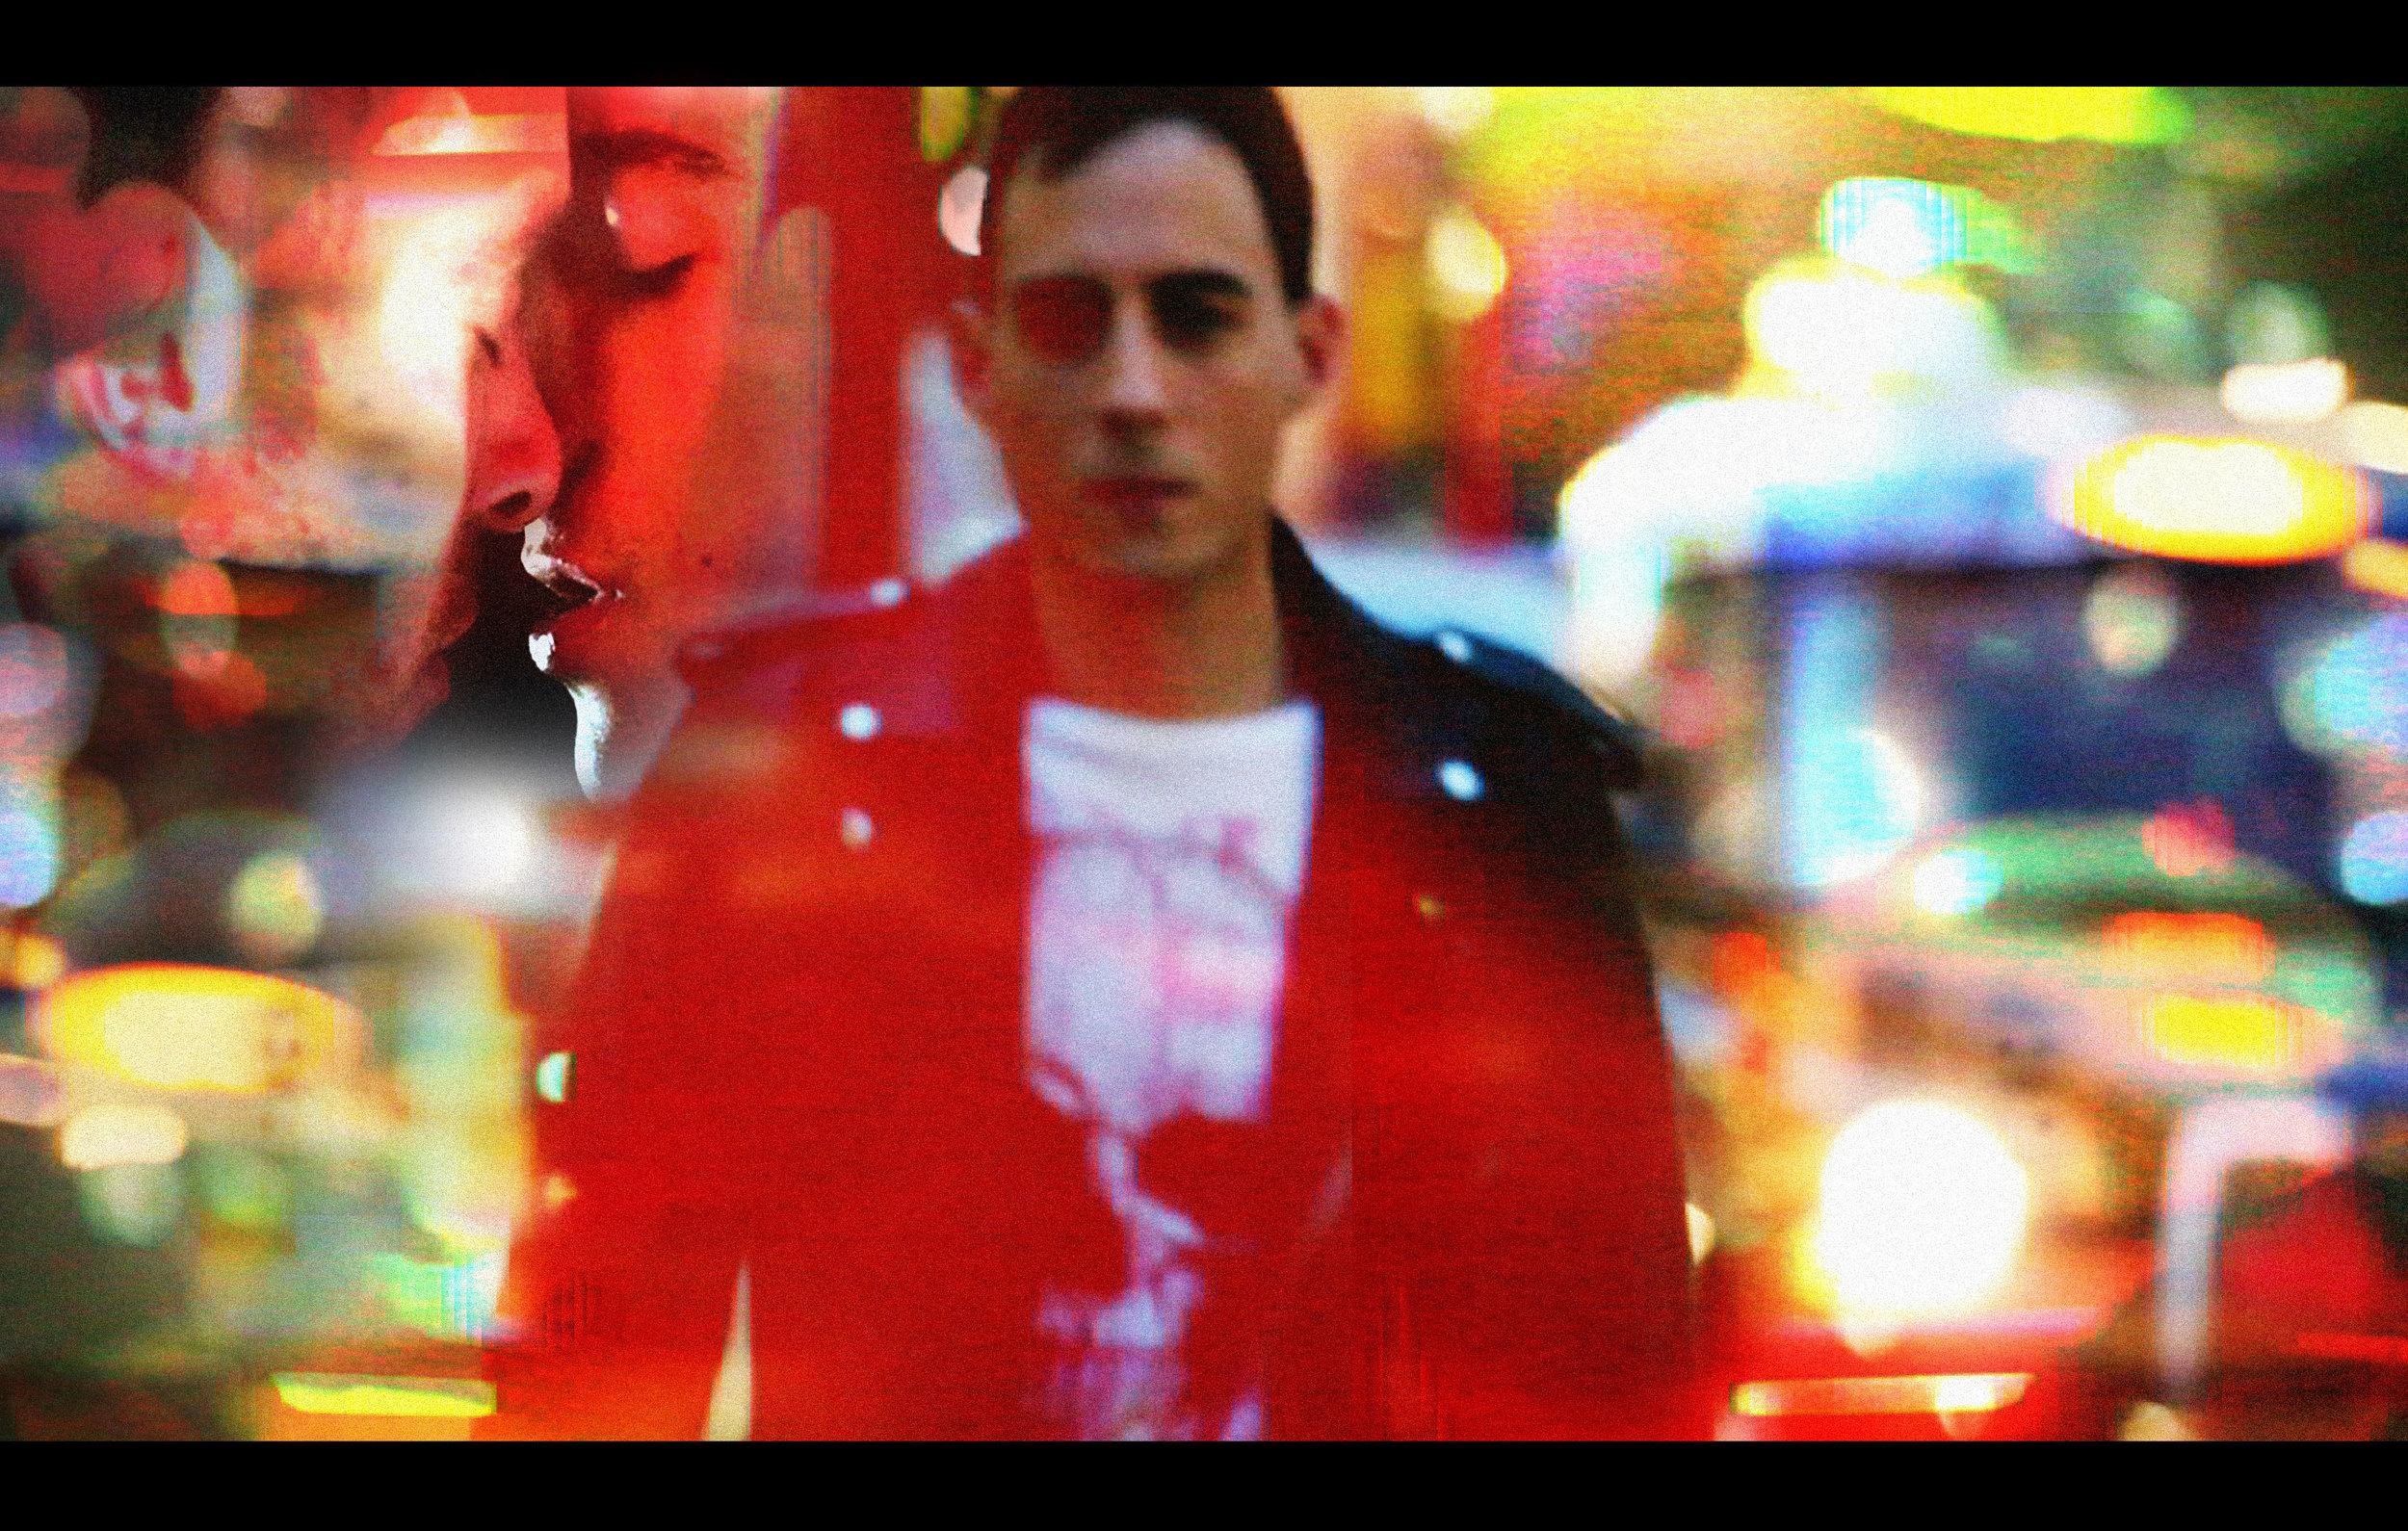 Video-Still-1-(+-Kiss).jpg